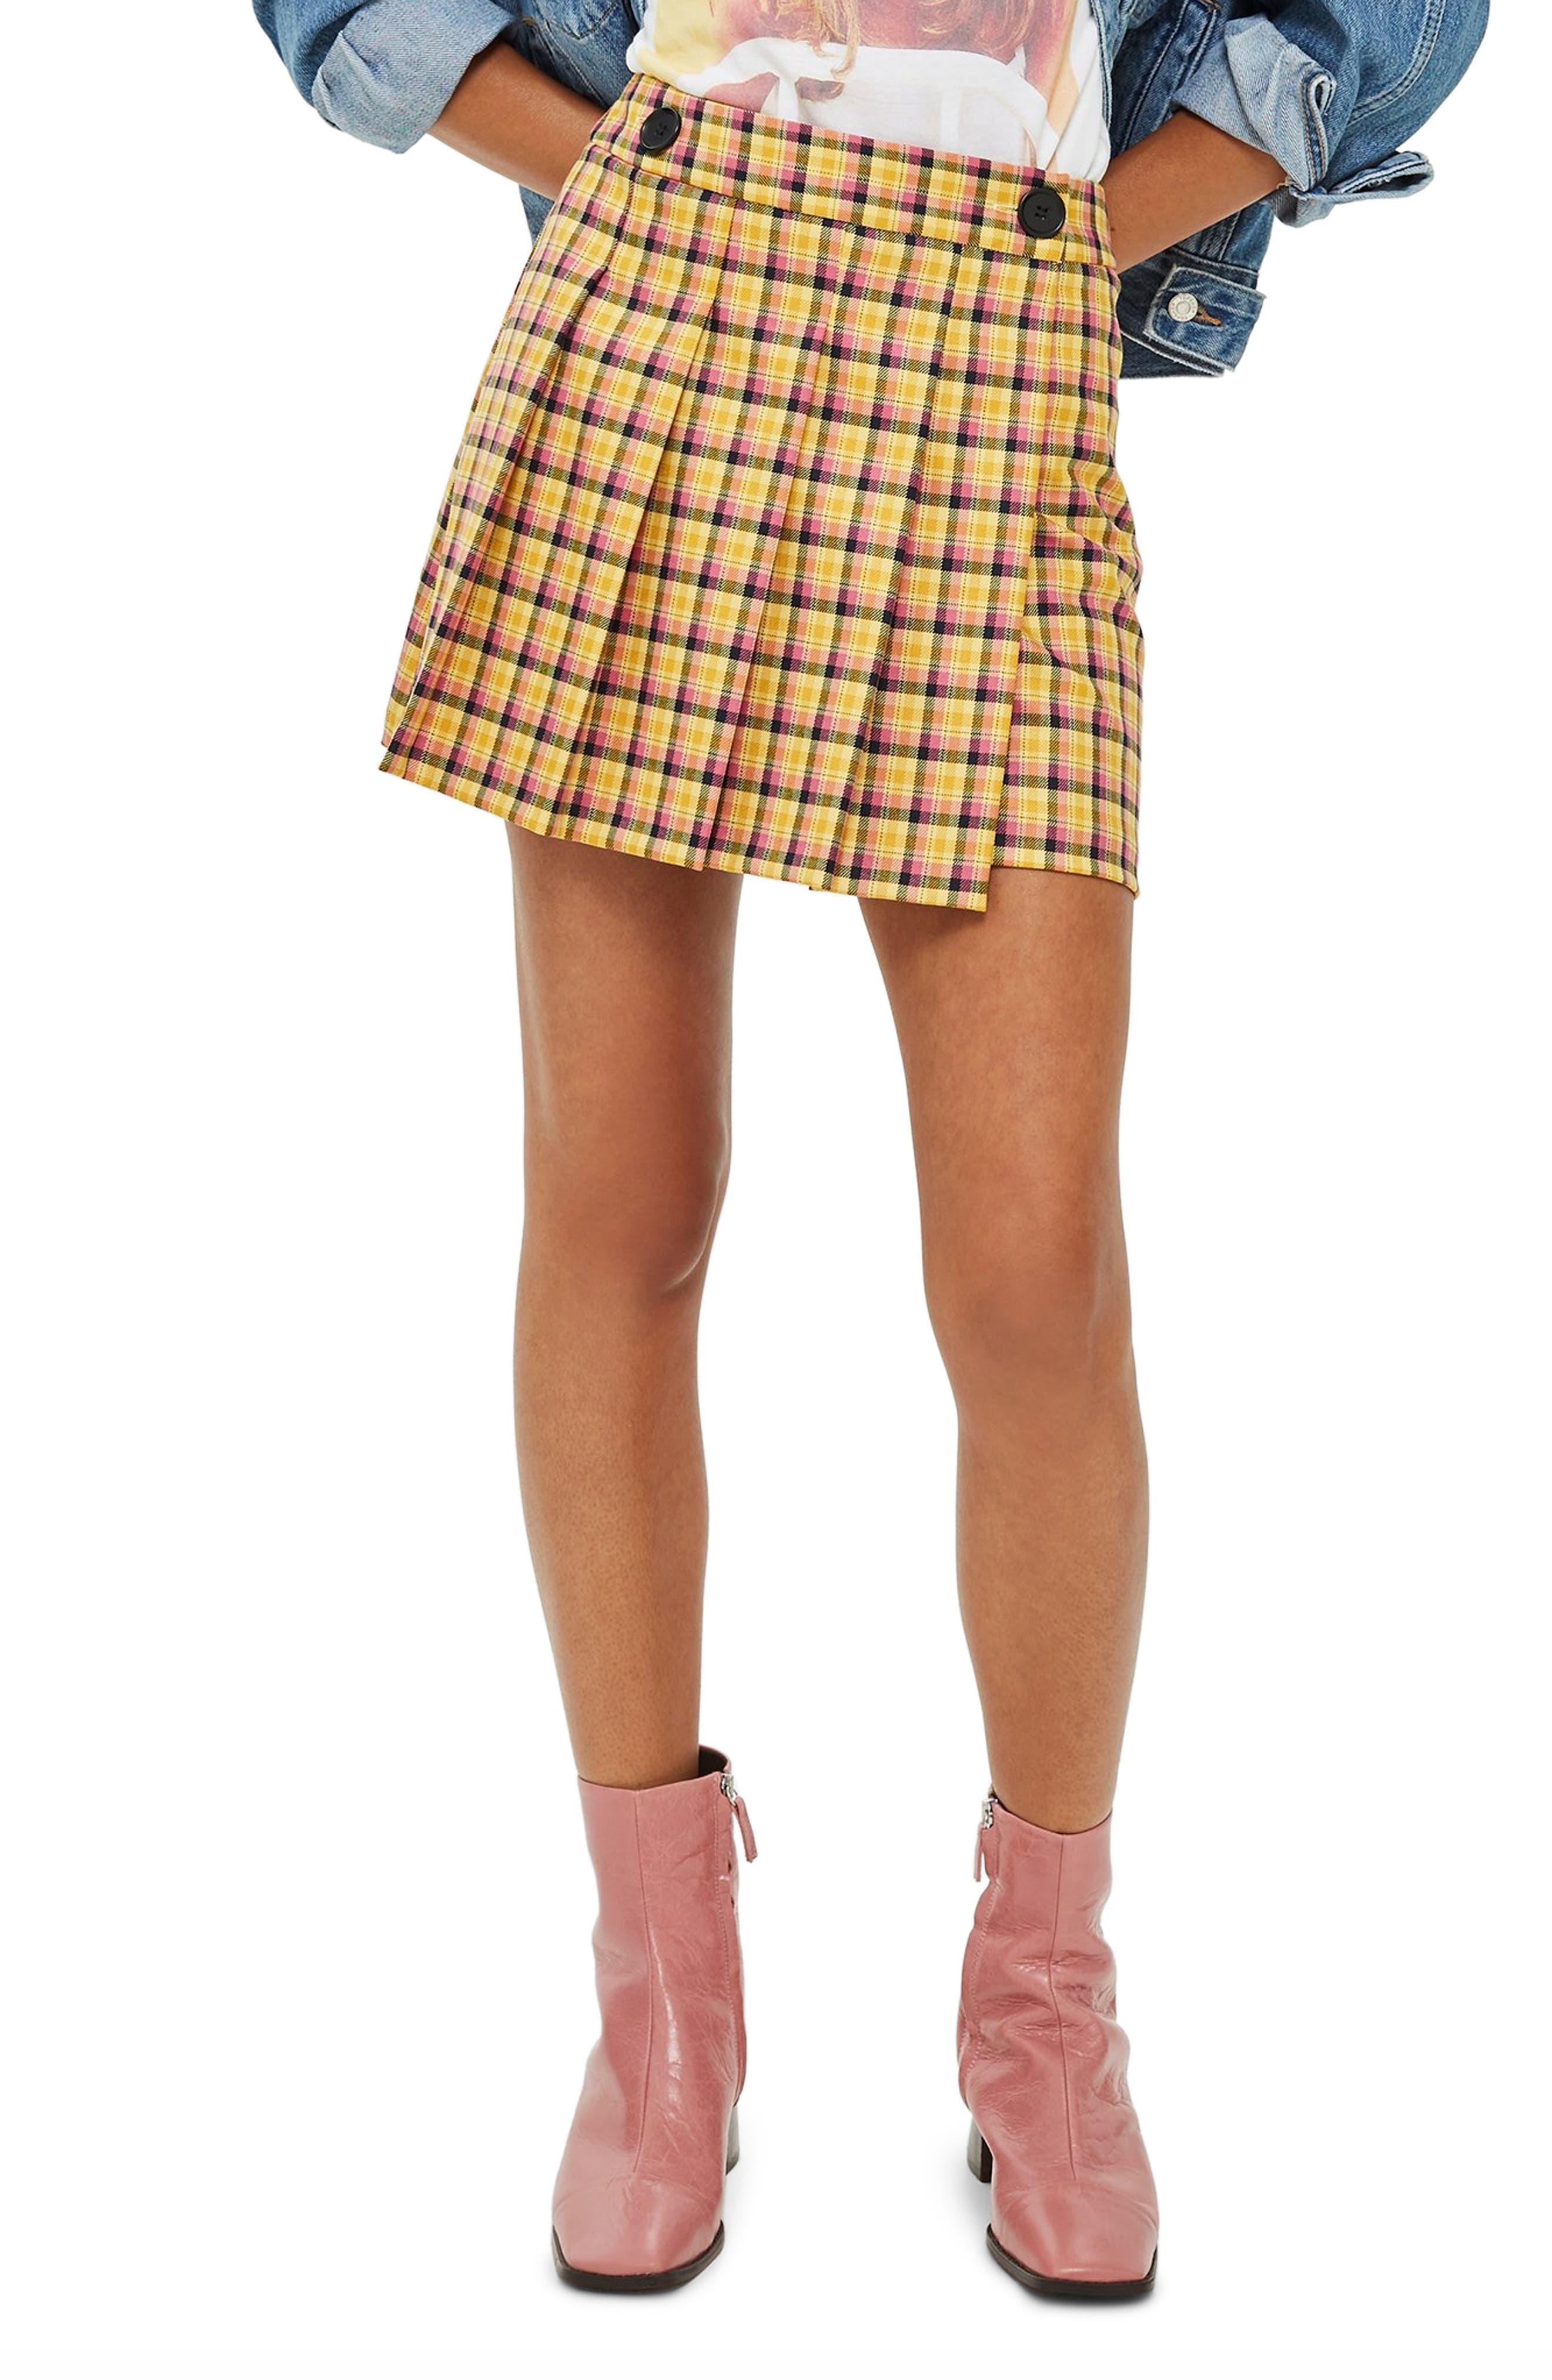 Topshop Check Kilt Miniskirt